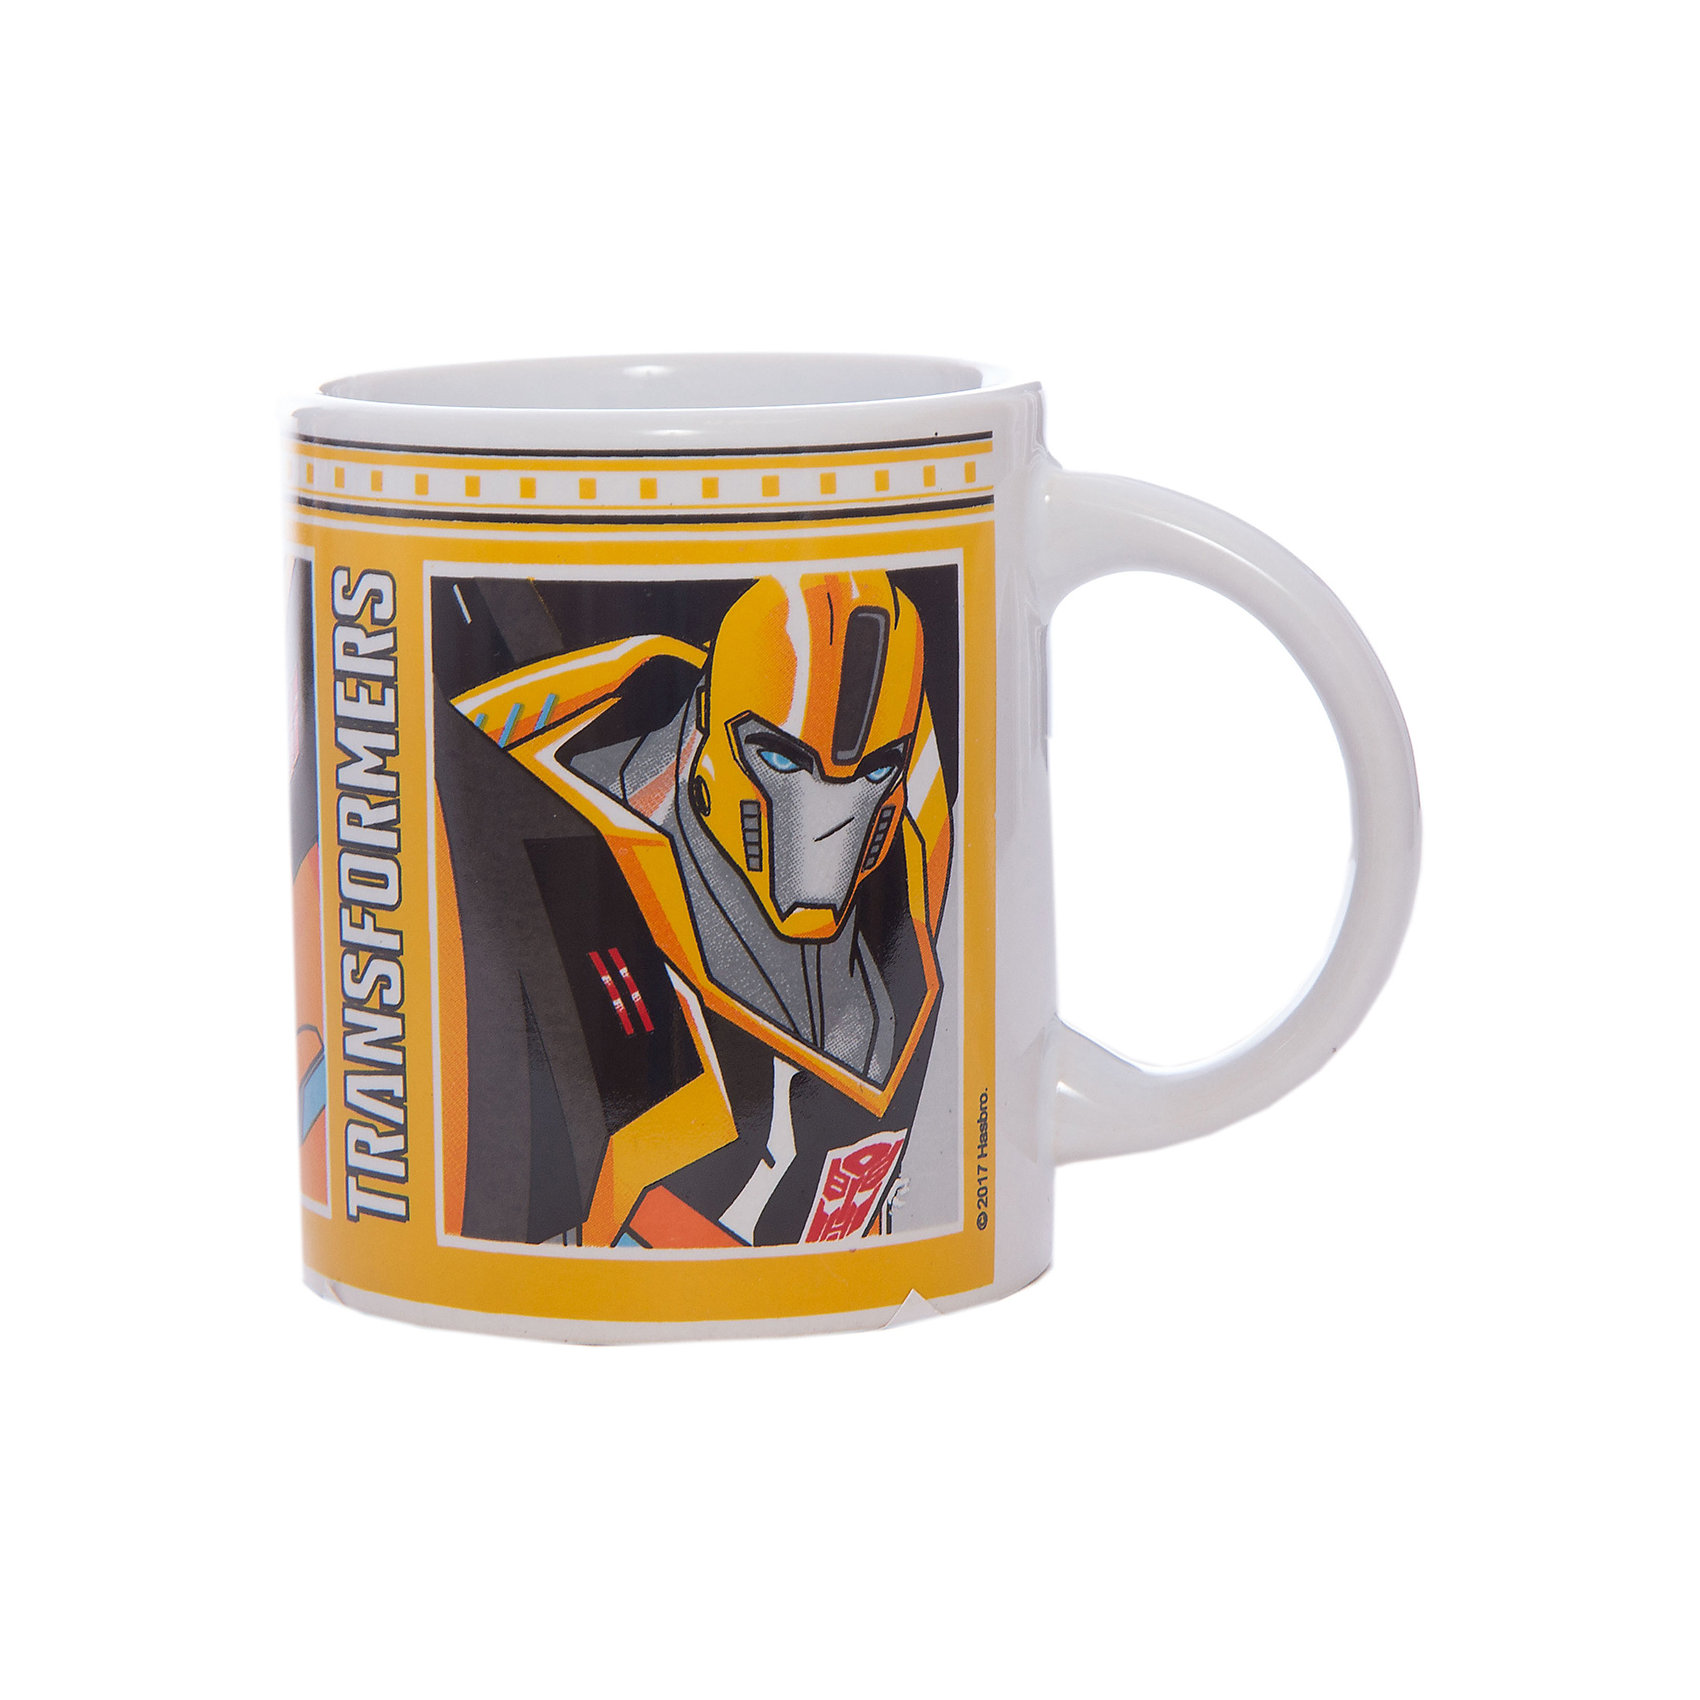 Кружка Transformers Роботы под прикрытием, 240 мл.Посуда<br>Характеристики:<br><br>• Материал: керамика<br>• Тематика рисунка: Трансформеры<br>• Можно использовать для горячих и холодных напитков<br>• Объем: 240 мл<br>• Вес: 267 г<br>• Размеры (Д*Ш*В): 12*8,2*9,5 см<br>• Особенности ухода: можно мыть в посудомоечной машине<br><br>Кружка Transformers Роботы под прикрытием, 240 мл выполнена в стильном дизайне: на белый корпус нанесено изображение героев популярного мультсериала Трансформеры. Изображение детально отражает облик экранного прототипа, устойчиво к появлению царапин, не выцветает при частом мытье. <br><br>Кружку Transformers Роботы под прикрытием, 240 мл можно купить в нашем интернет-магазине.<br><br>Ширина мм: 120<br>Глубина мм: 82<br>Высота мм: 95<br>Вес г: 267<br>Возраст от месяцев: 36<br>Возраст до месяцев: 1188<br>Пол: Мужской<br>Возраст: Детский<br>SKU: 6849973